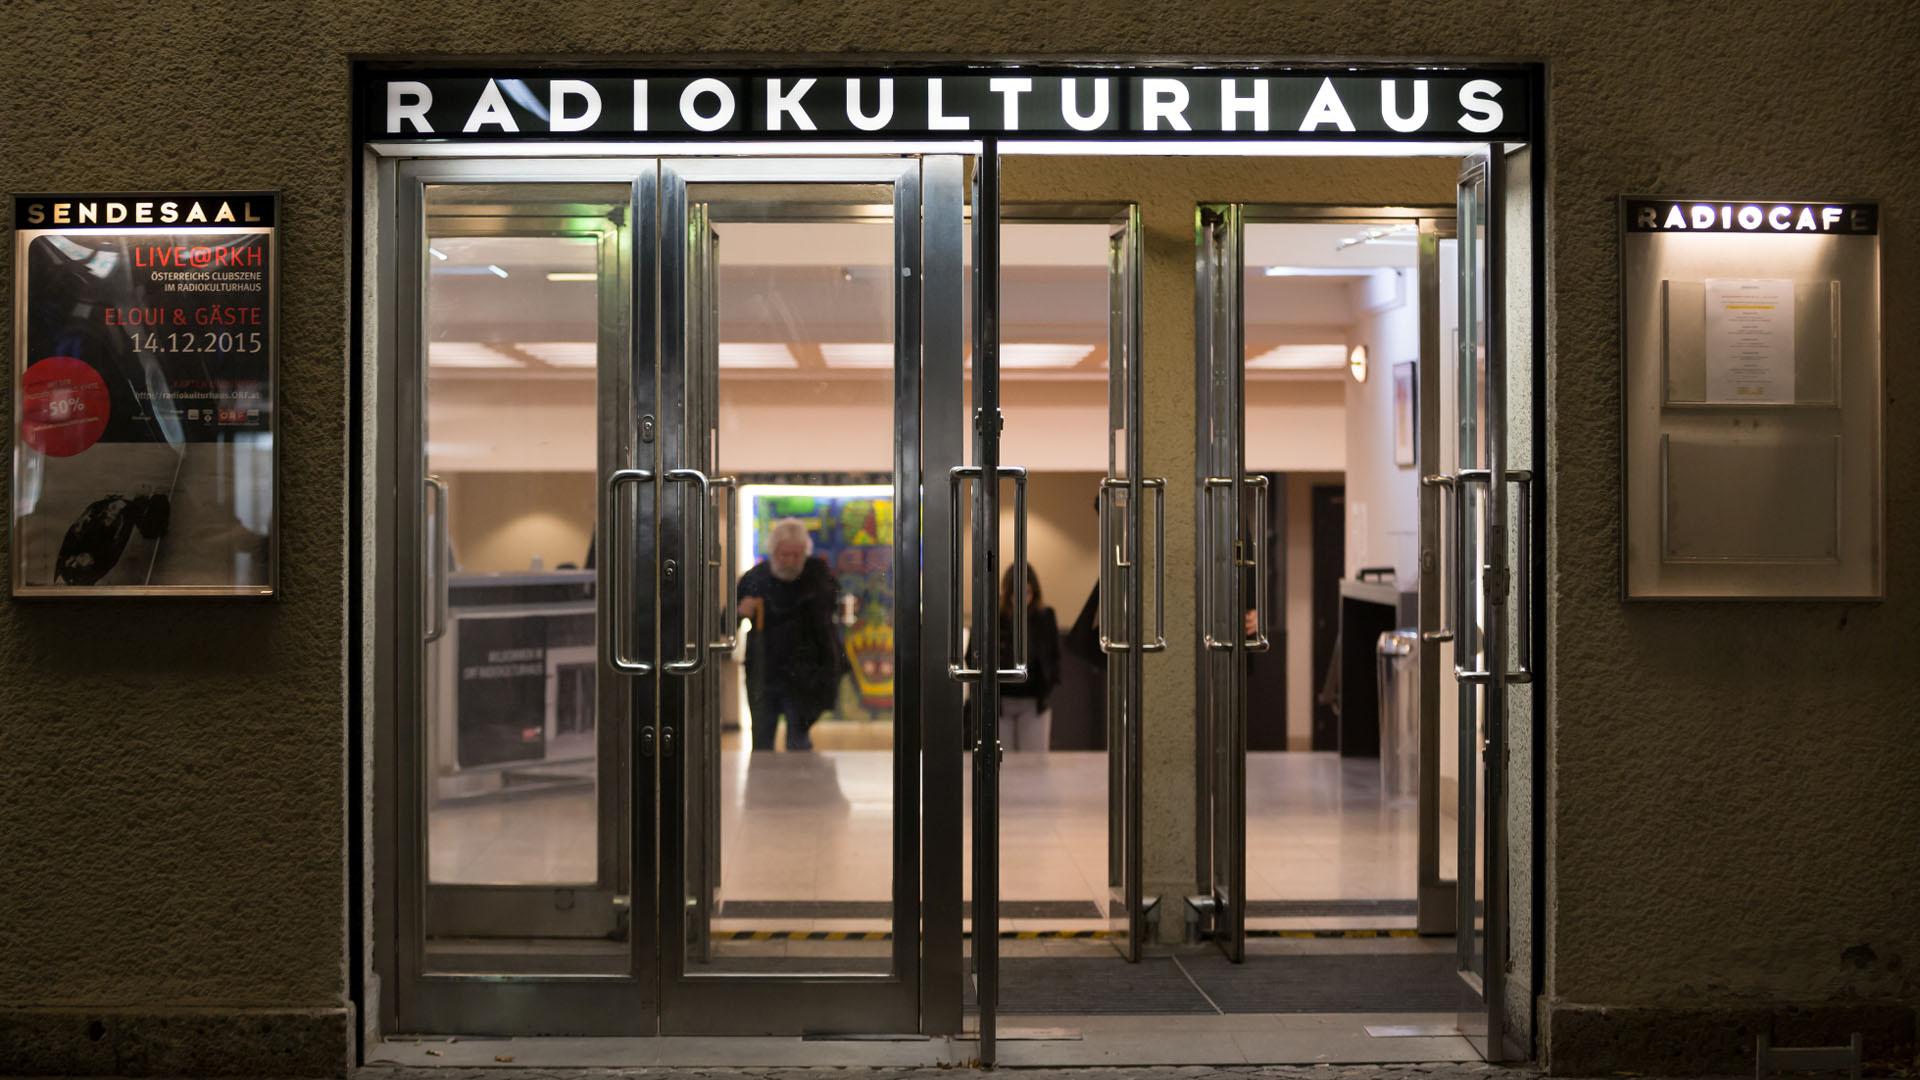 Das Radiokulturhaus ist Teil des historischen ORF-Funkhauses, in dem sich unter anderem der Sitz der Radiosender Ö1 und FM4 sowie der des Wiener Landesstudios befinden. Hier fanden vergangene Woche auch die Östereichischen Journalismustage statt.